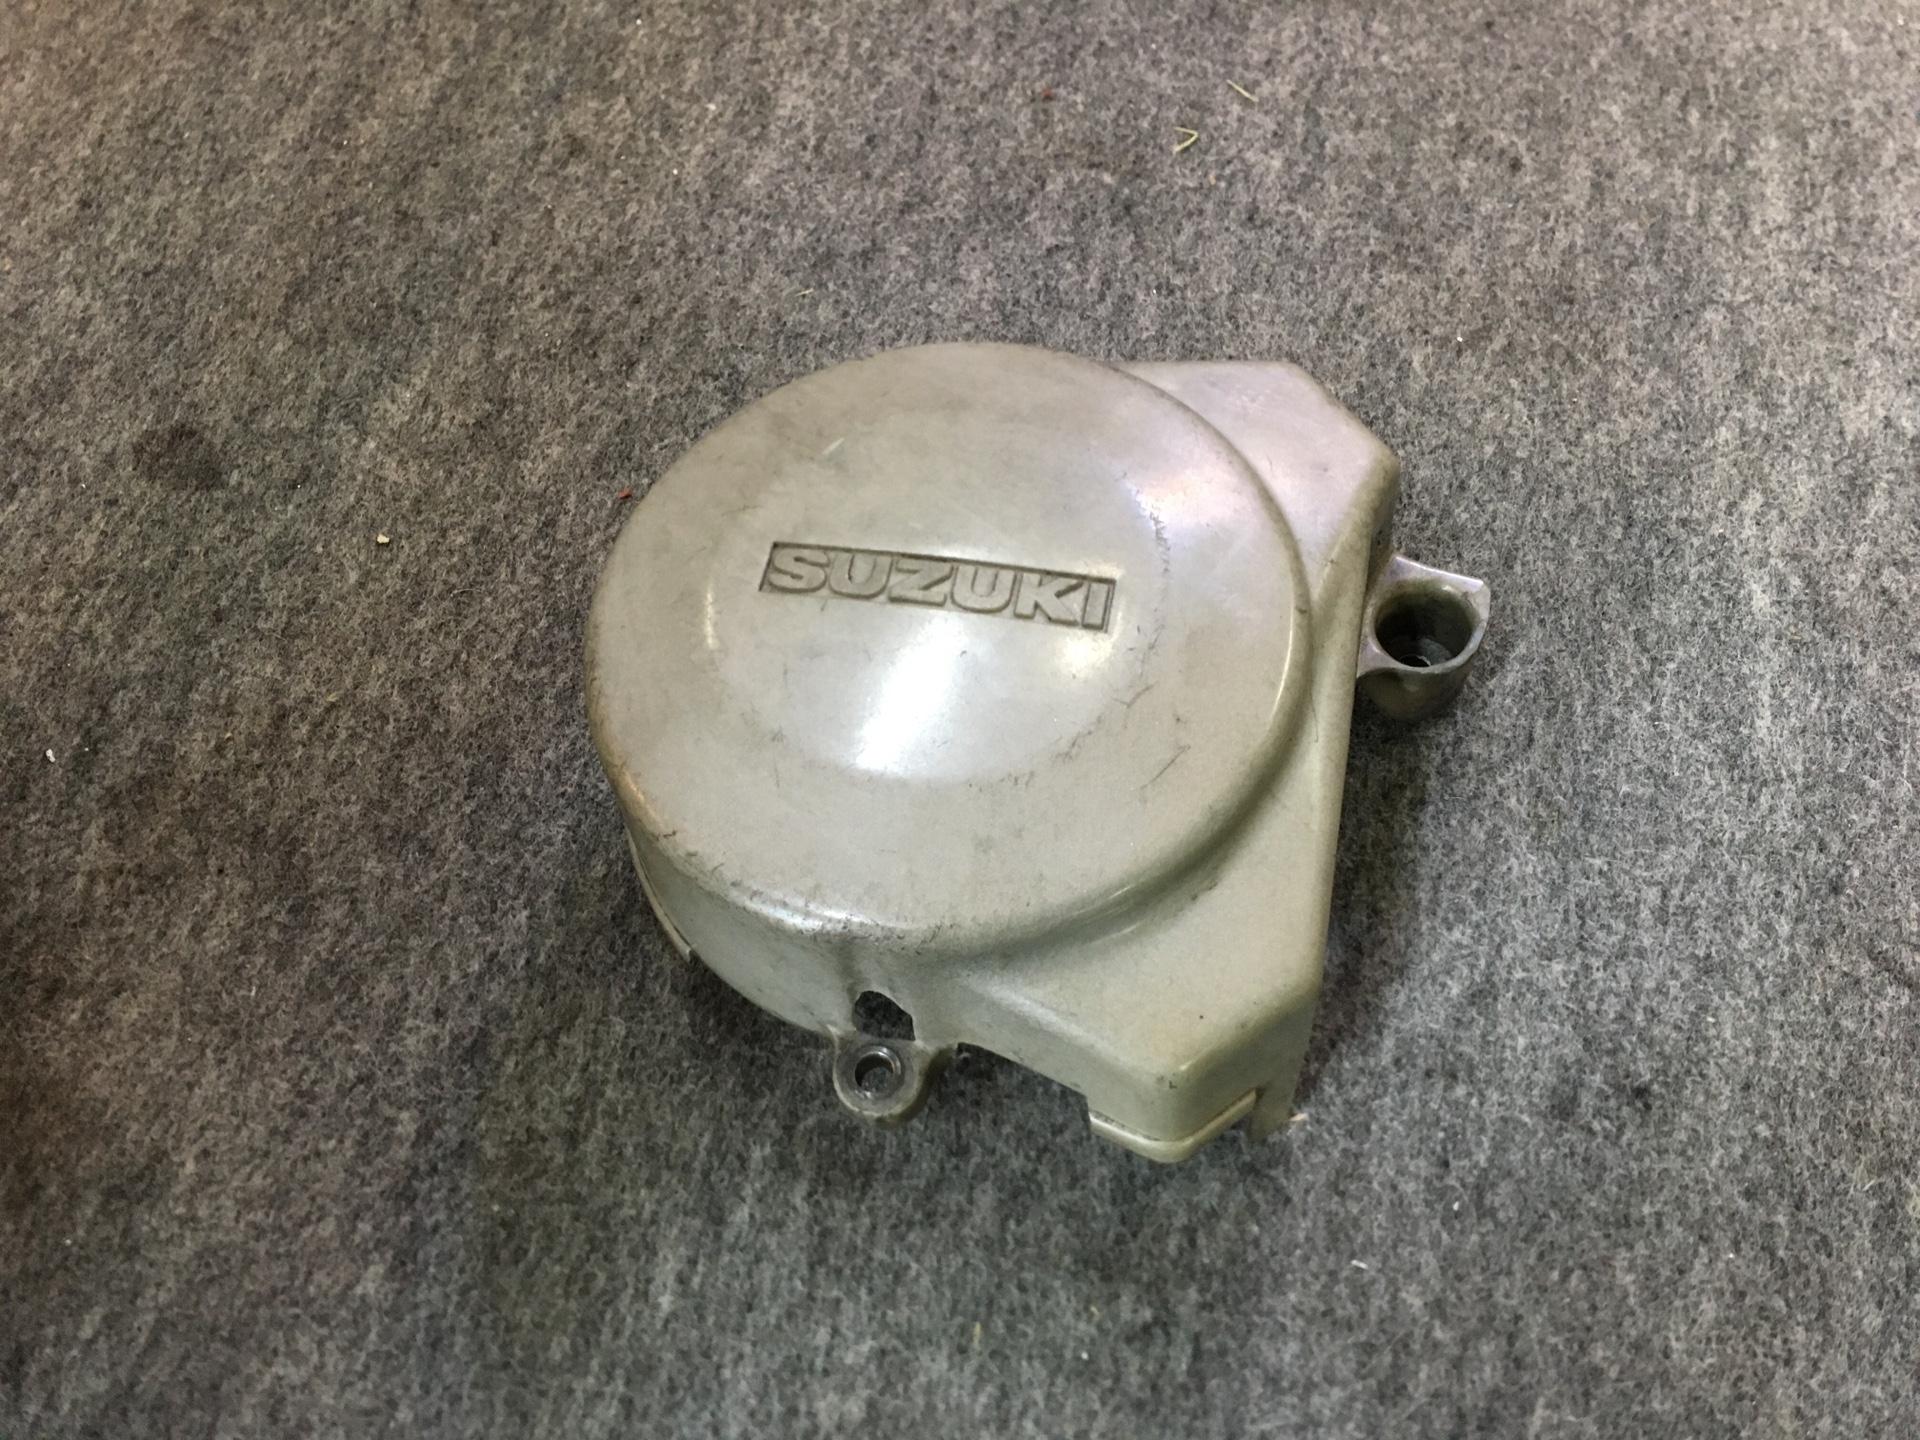 E2DAC388-7A33-4D0E-8DFB-8E07CC608021